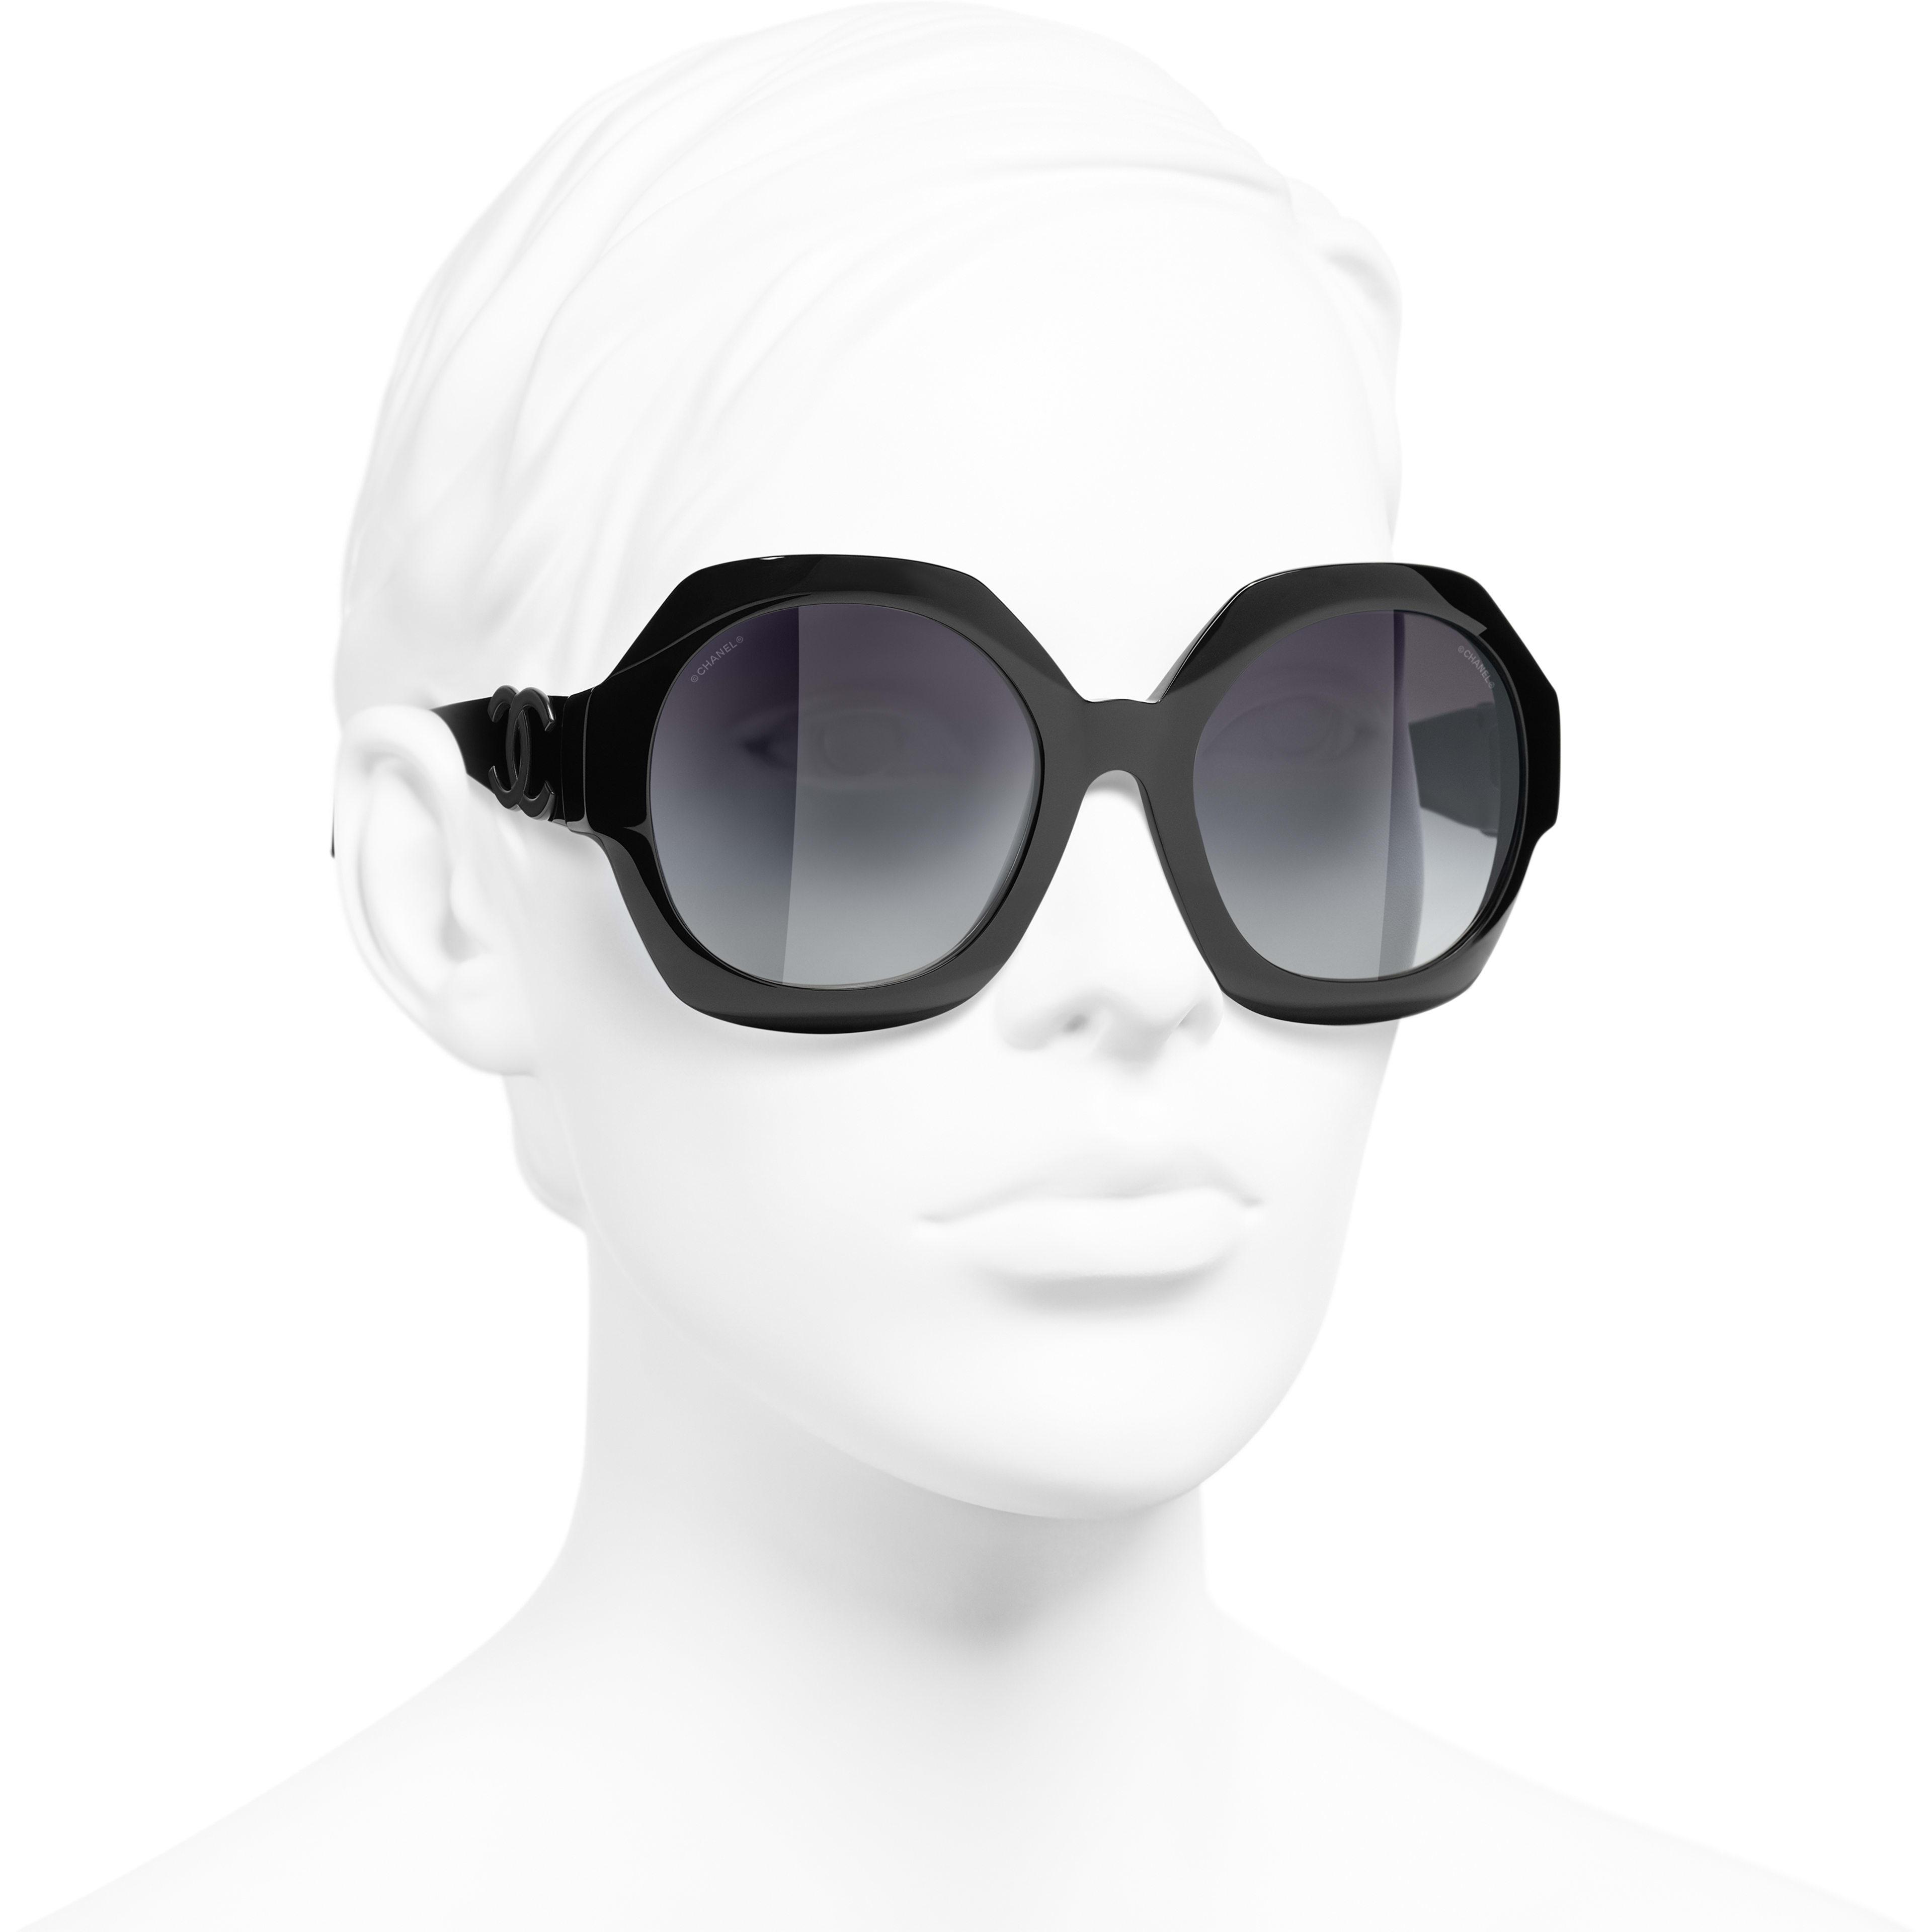 Ronde zonnebril - Zwart - Acetaat - CHANEL - Gedragen weergave 3/4 - zie versie op standaardgrootte